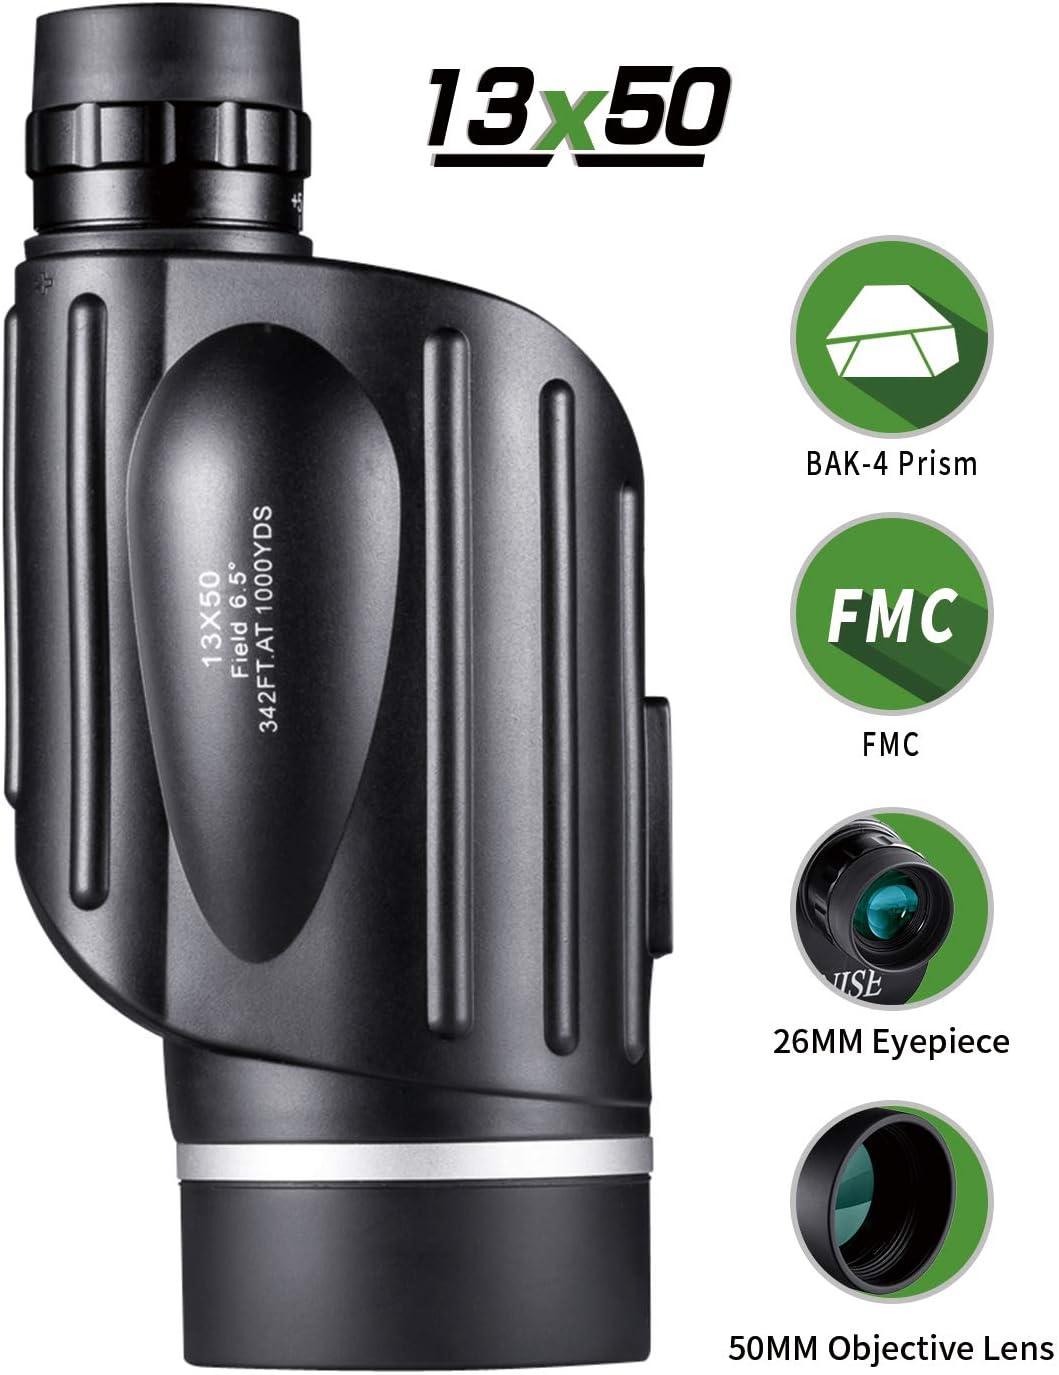 BNISE Monocular de gran Potencia 13X50, visión Luminoso y claro, Observación simple con una sola mano, Resistente al agua, antiniebla, Observación de aves o fauna silvestre, con medidor de distancia